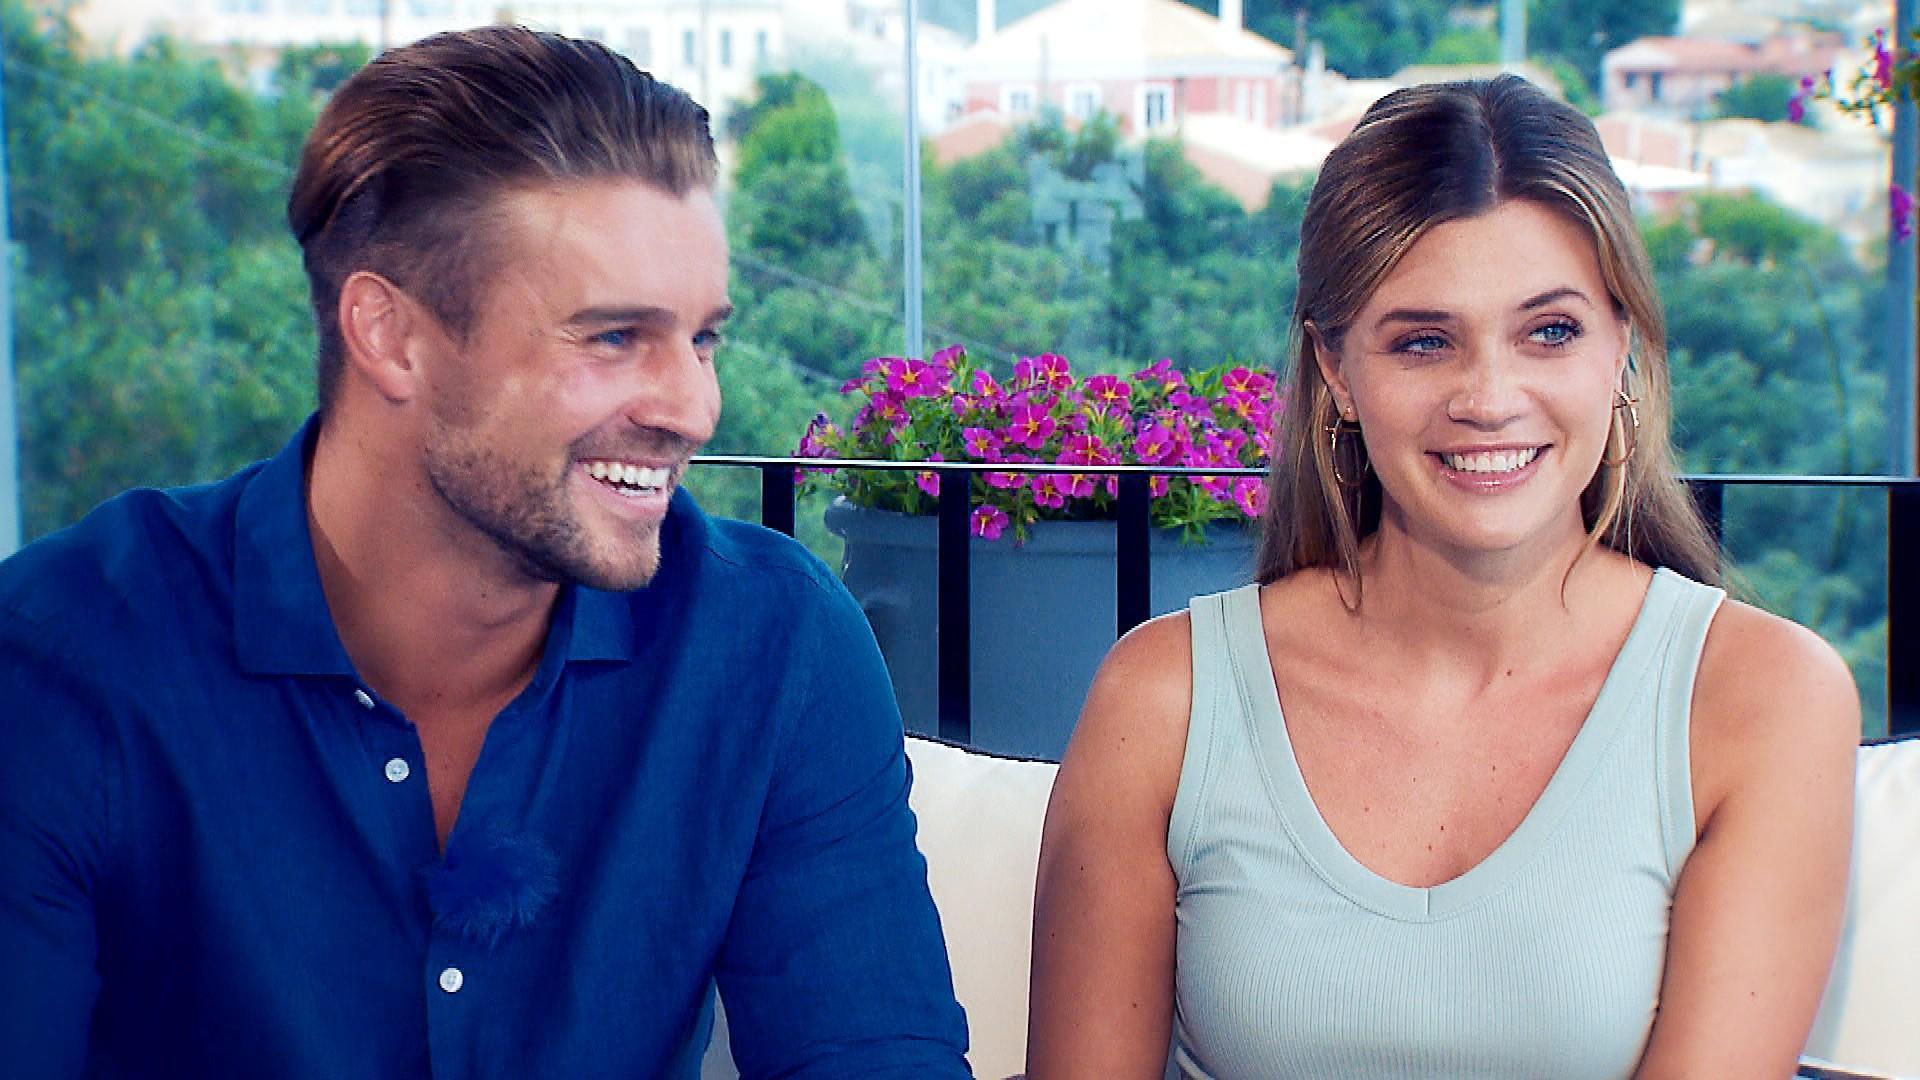 Nach Bachelorette-Finale: Haben Nadine & Alex eine Chance?